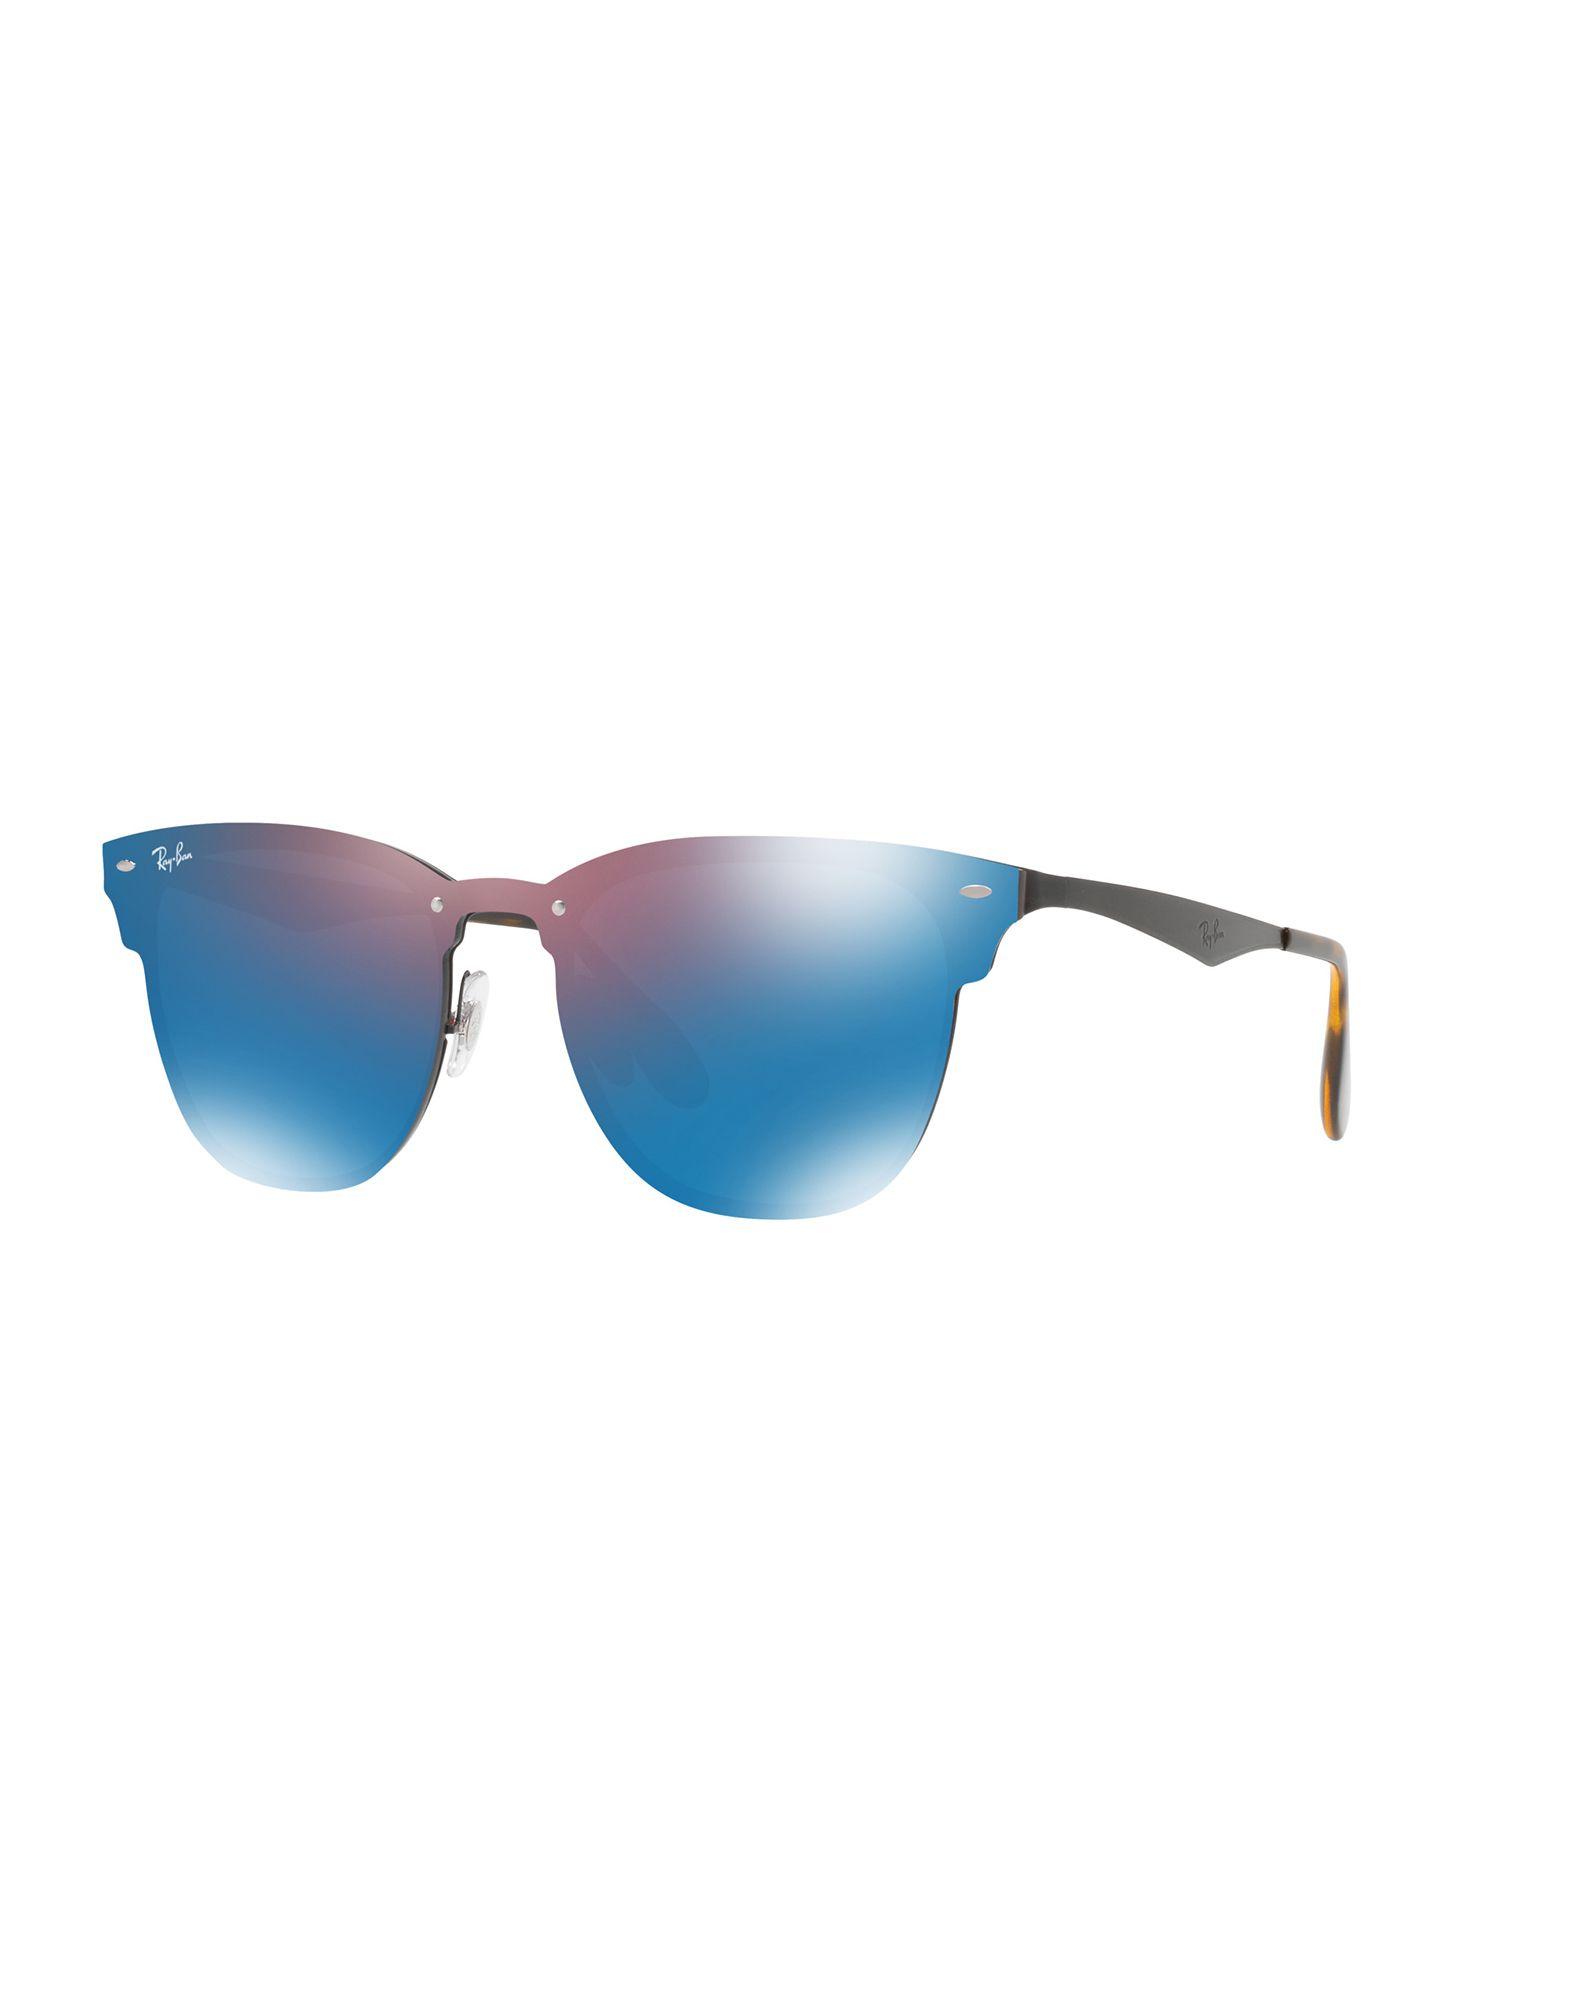 RAY-BAN Солнечные очки комплект постельного белья mirarossi veronica pink